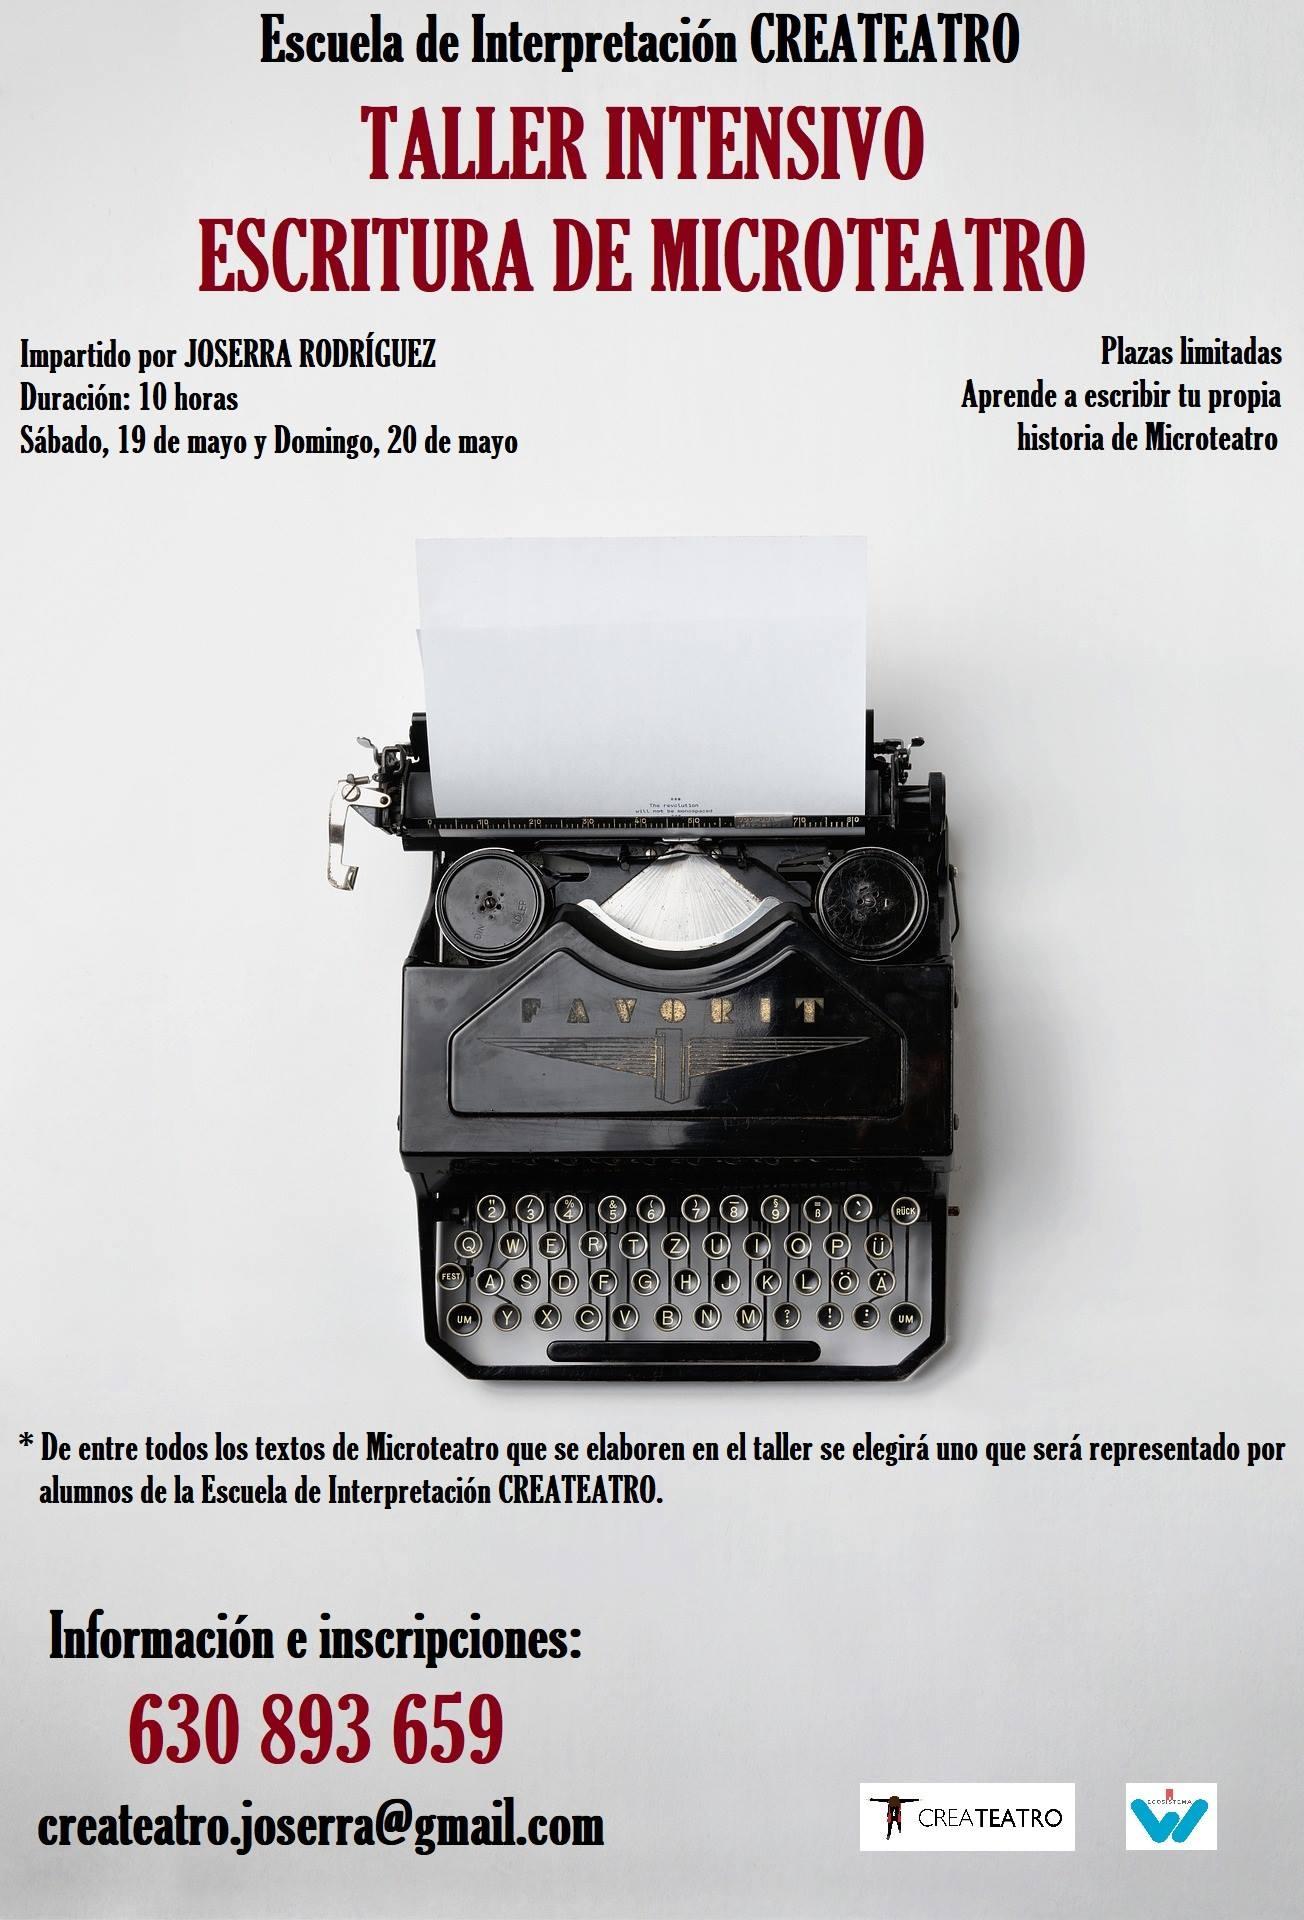 Taller Intensivo De Escritura De Microteatro